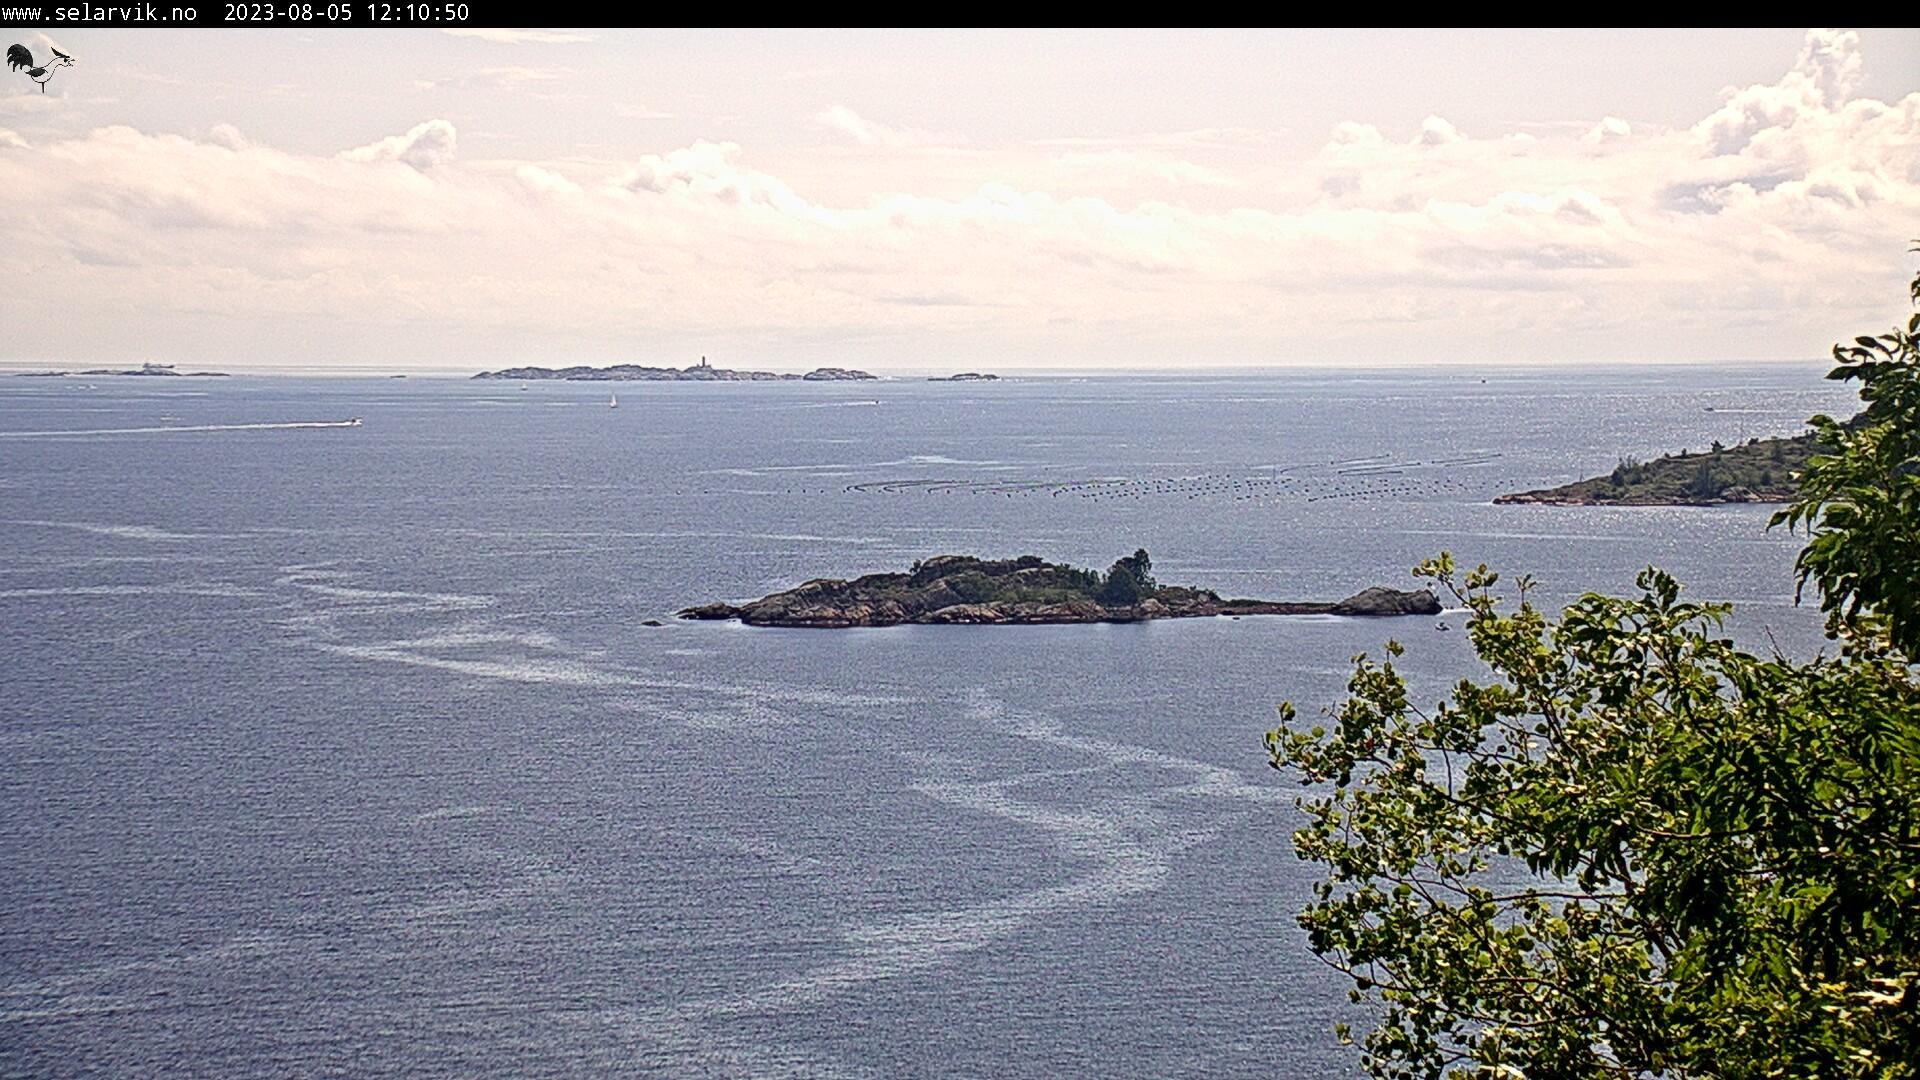 Webcam Fredenshavn bru: Larviksfjorden Syd